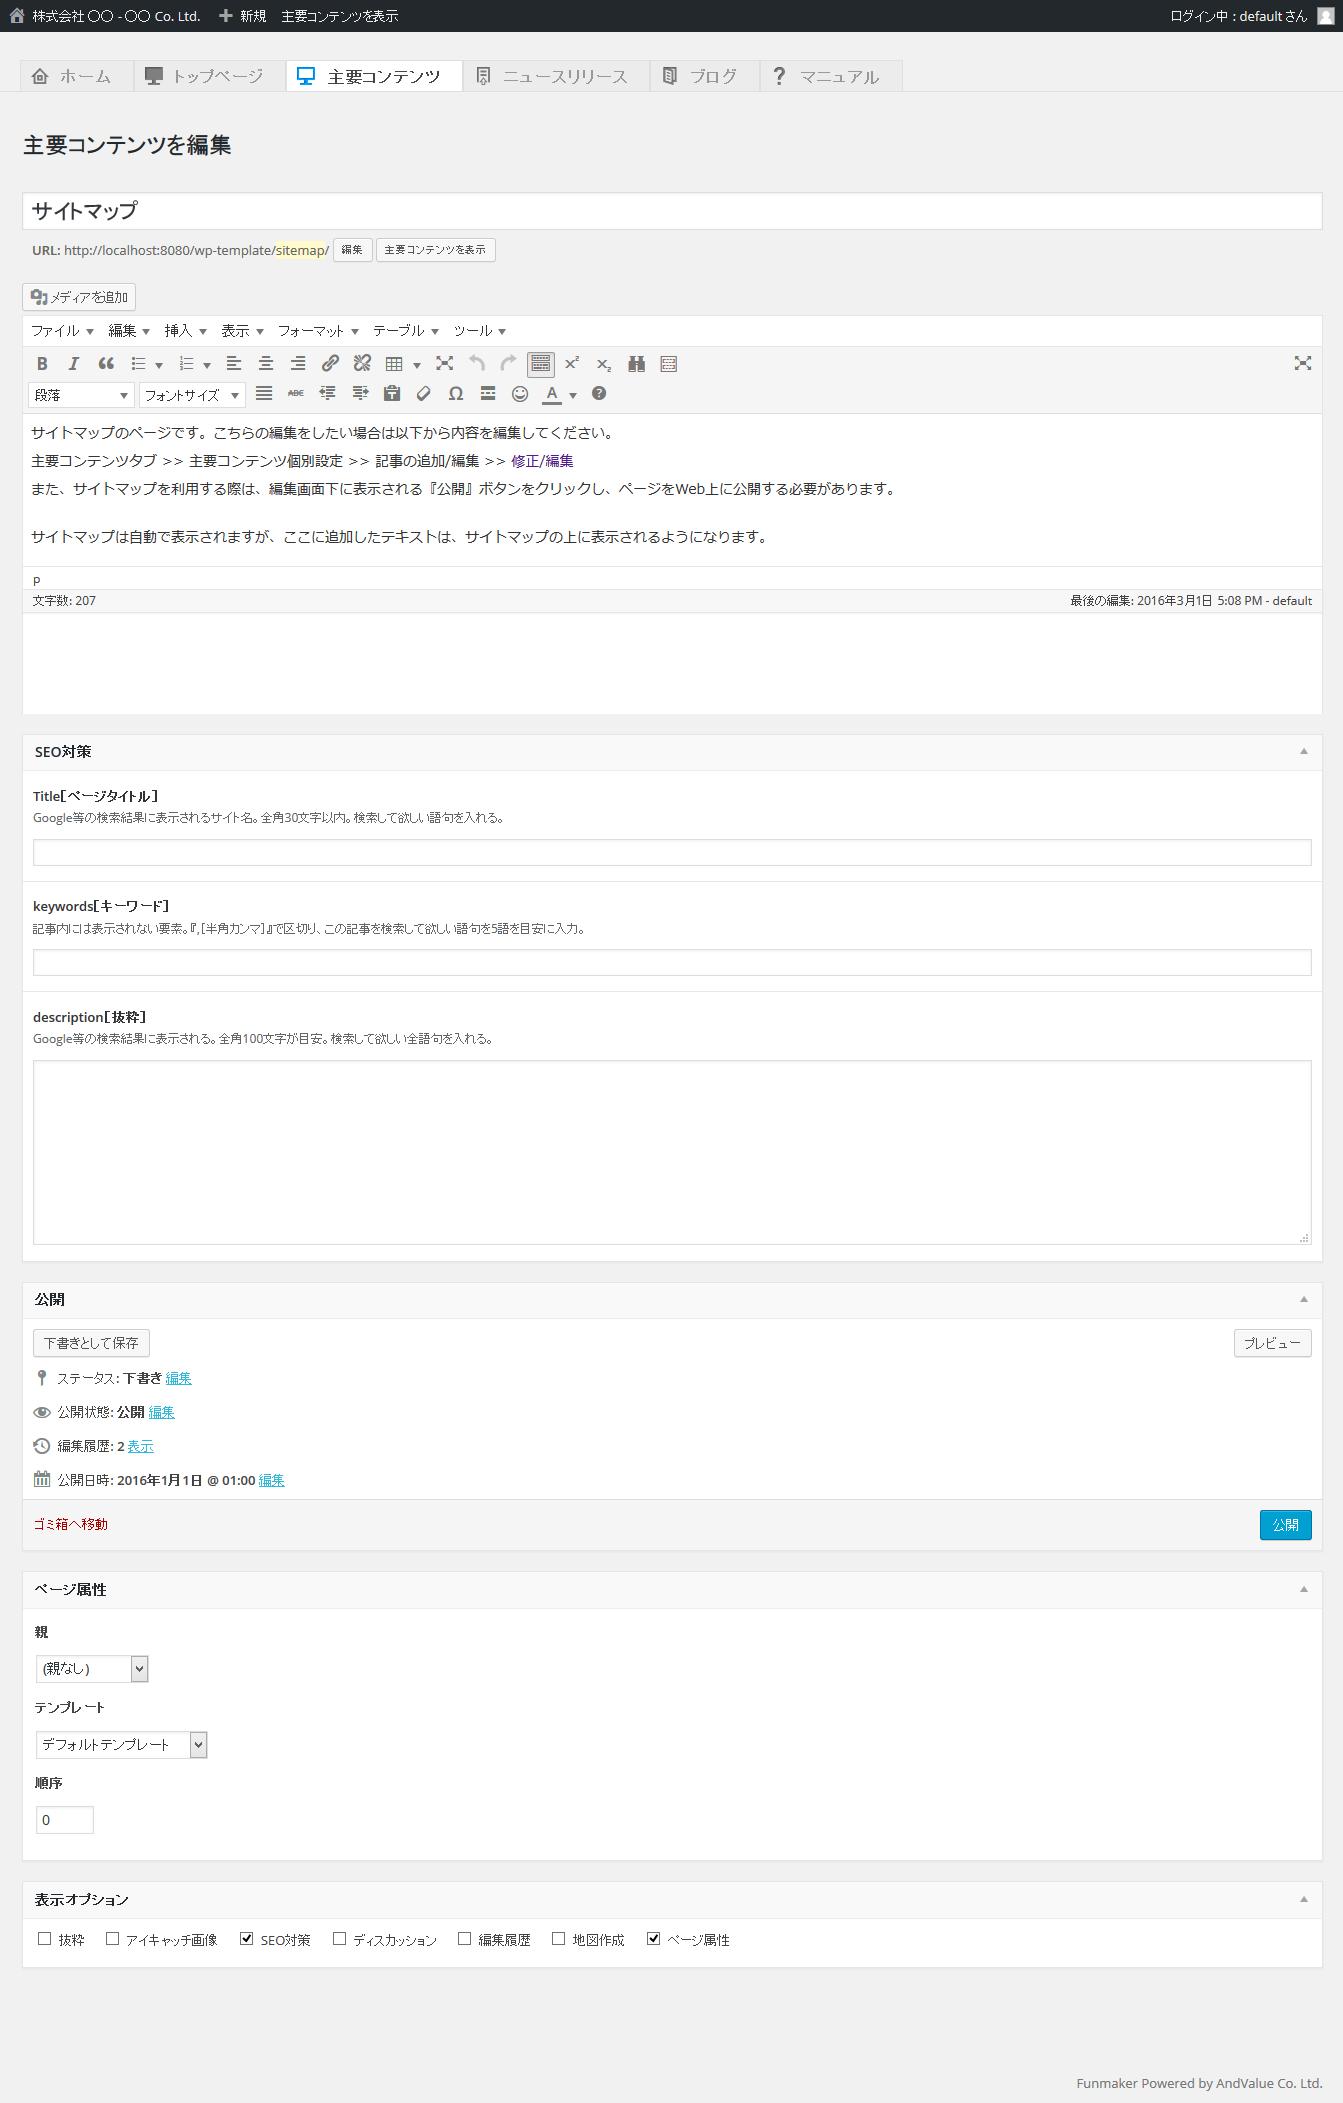 サイトマップの記事編集 - 簡単格安ホームページ作成会社 -FunMaker